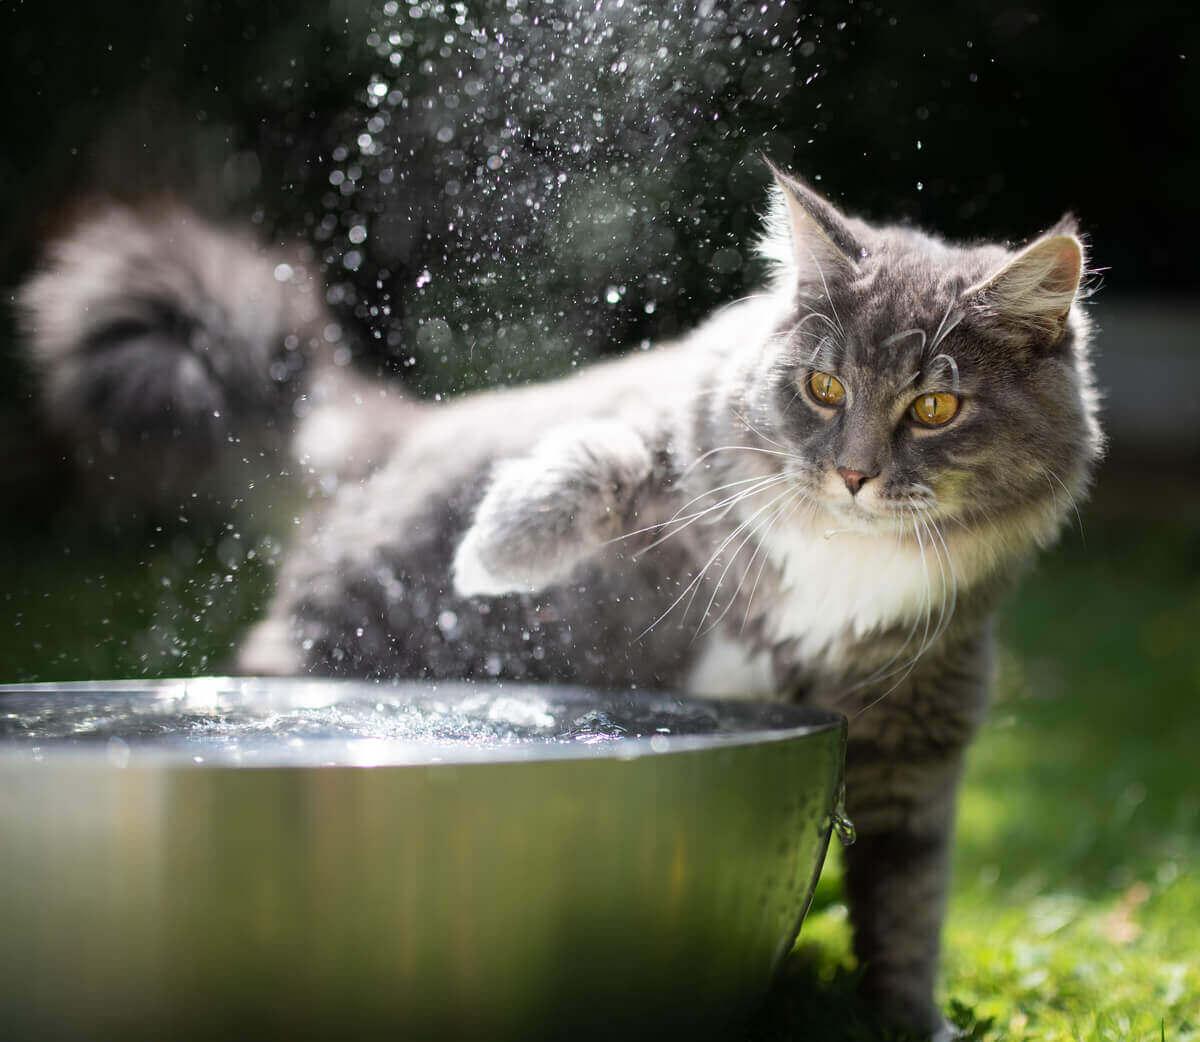 kot bawiący się wodą